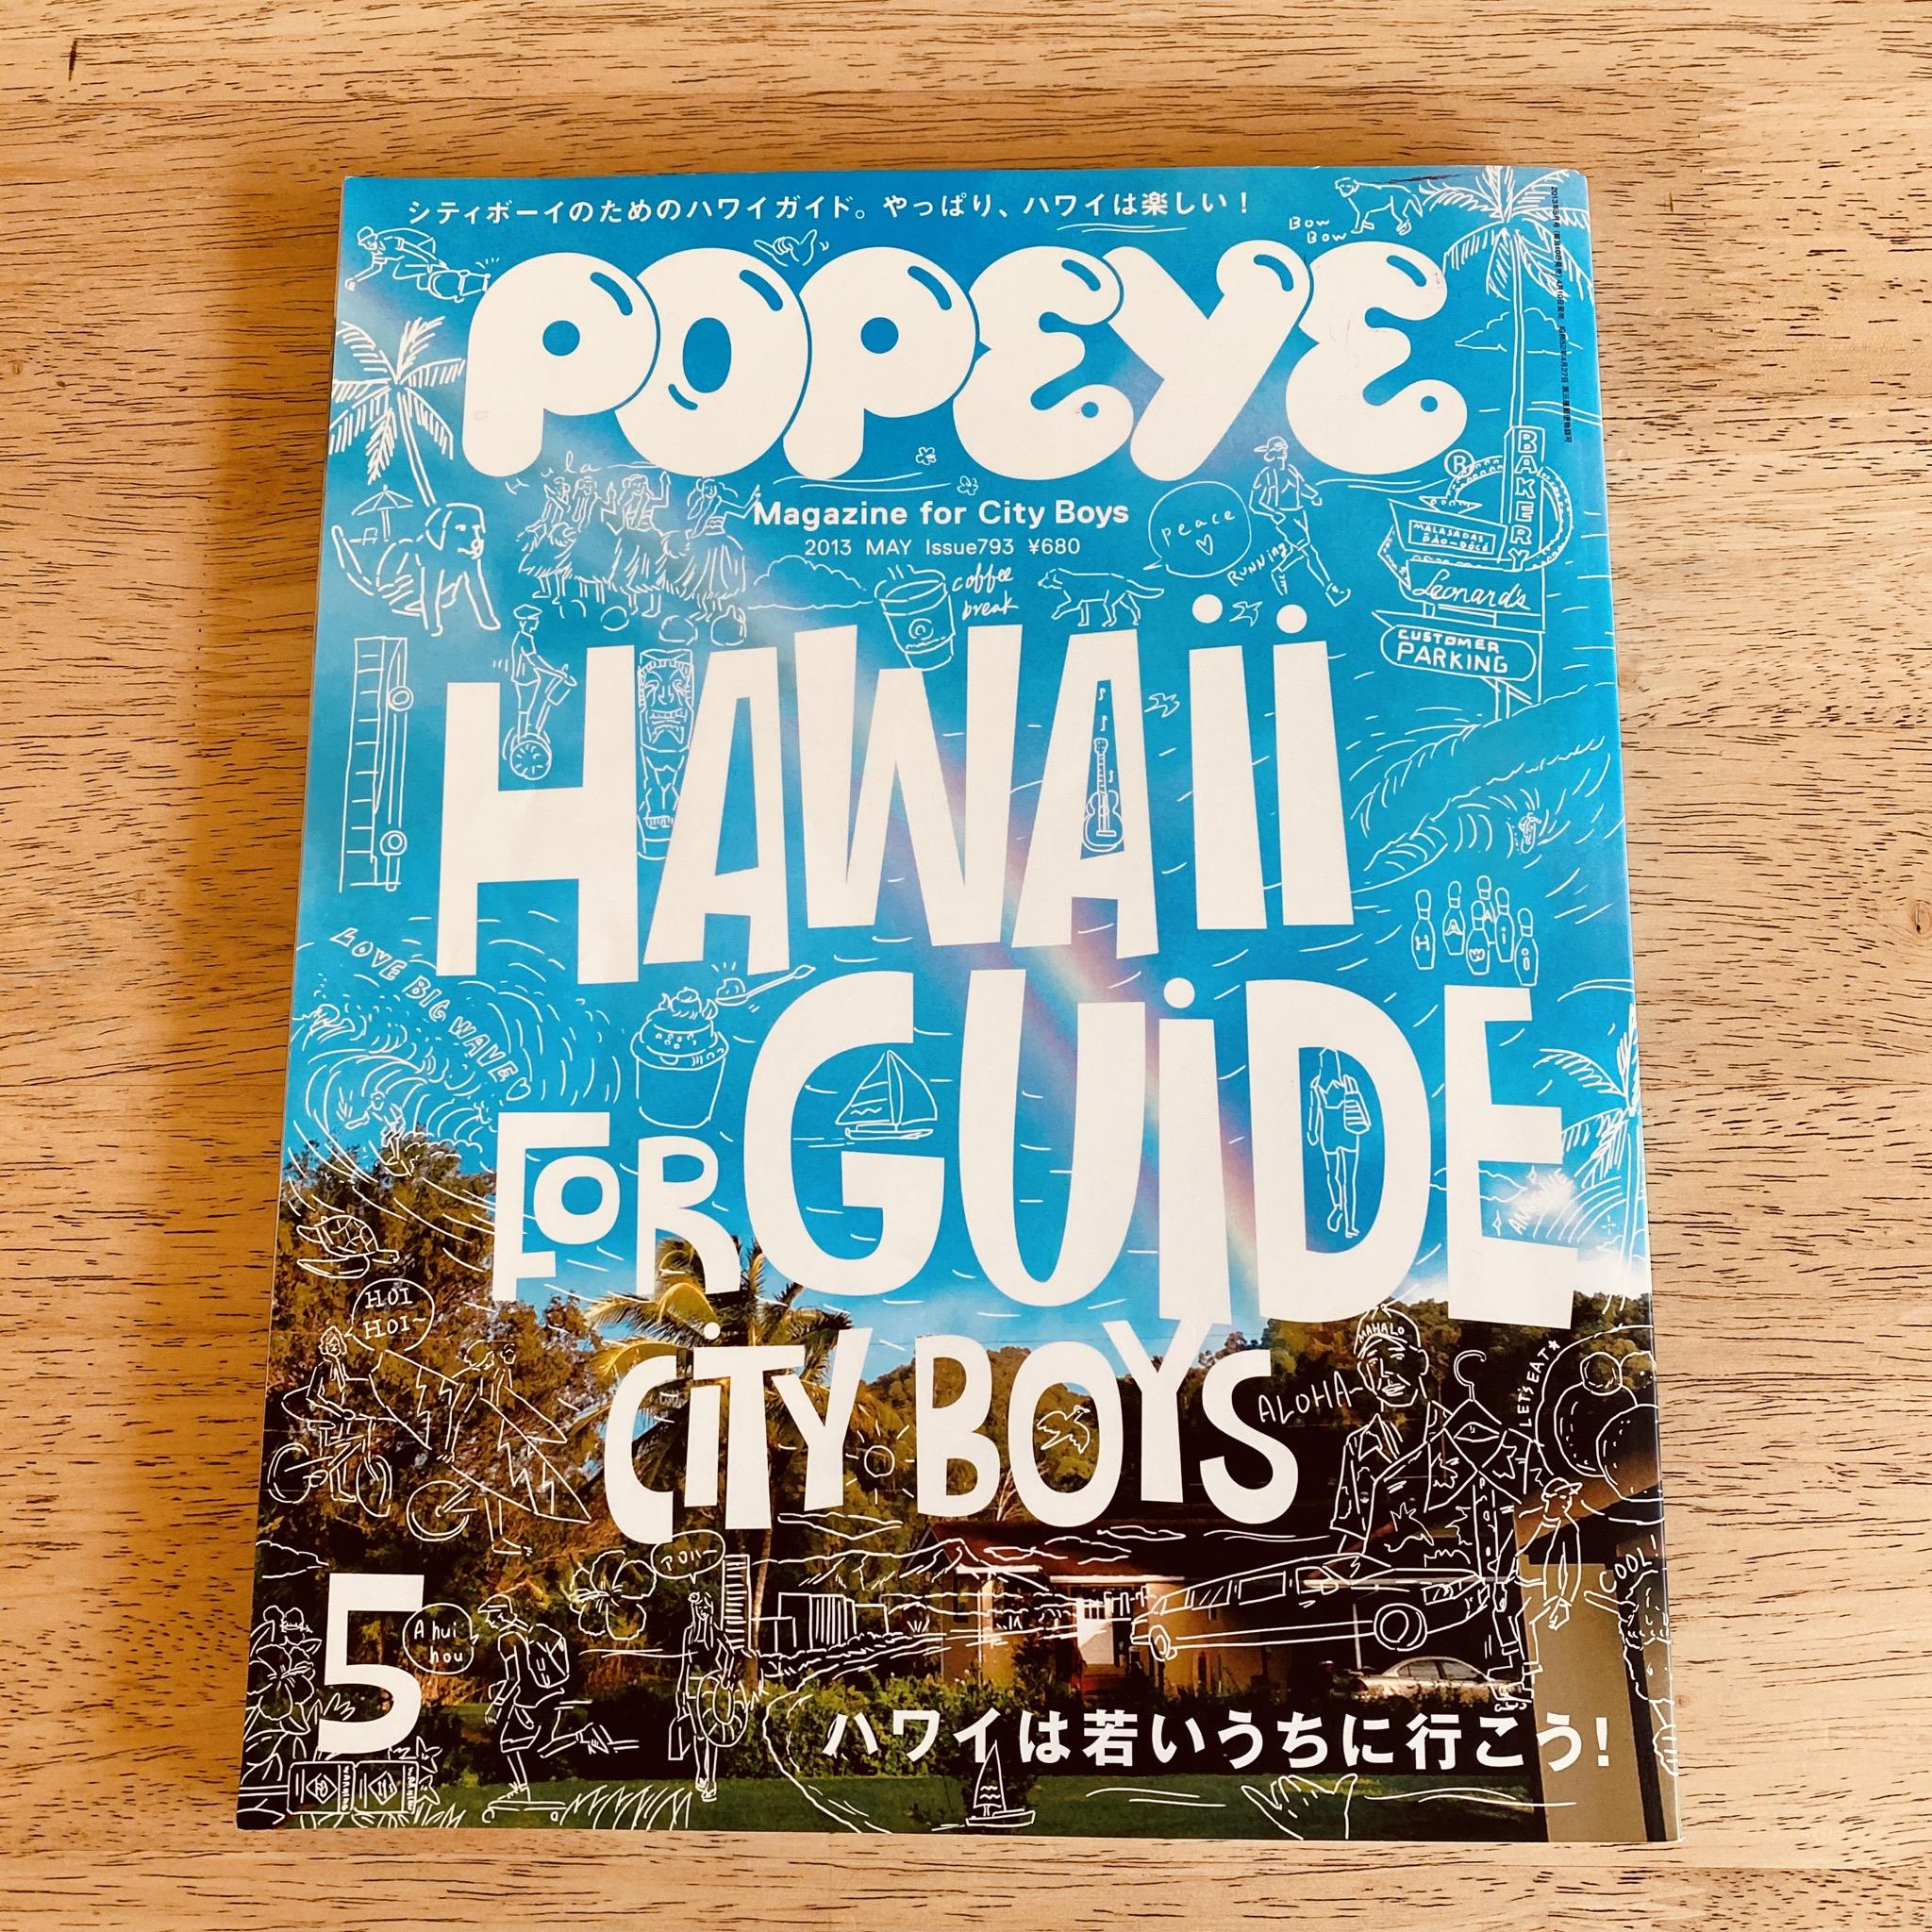 雑誌「POPEYE」9月号に掲載して頂きました。